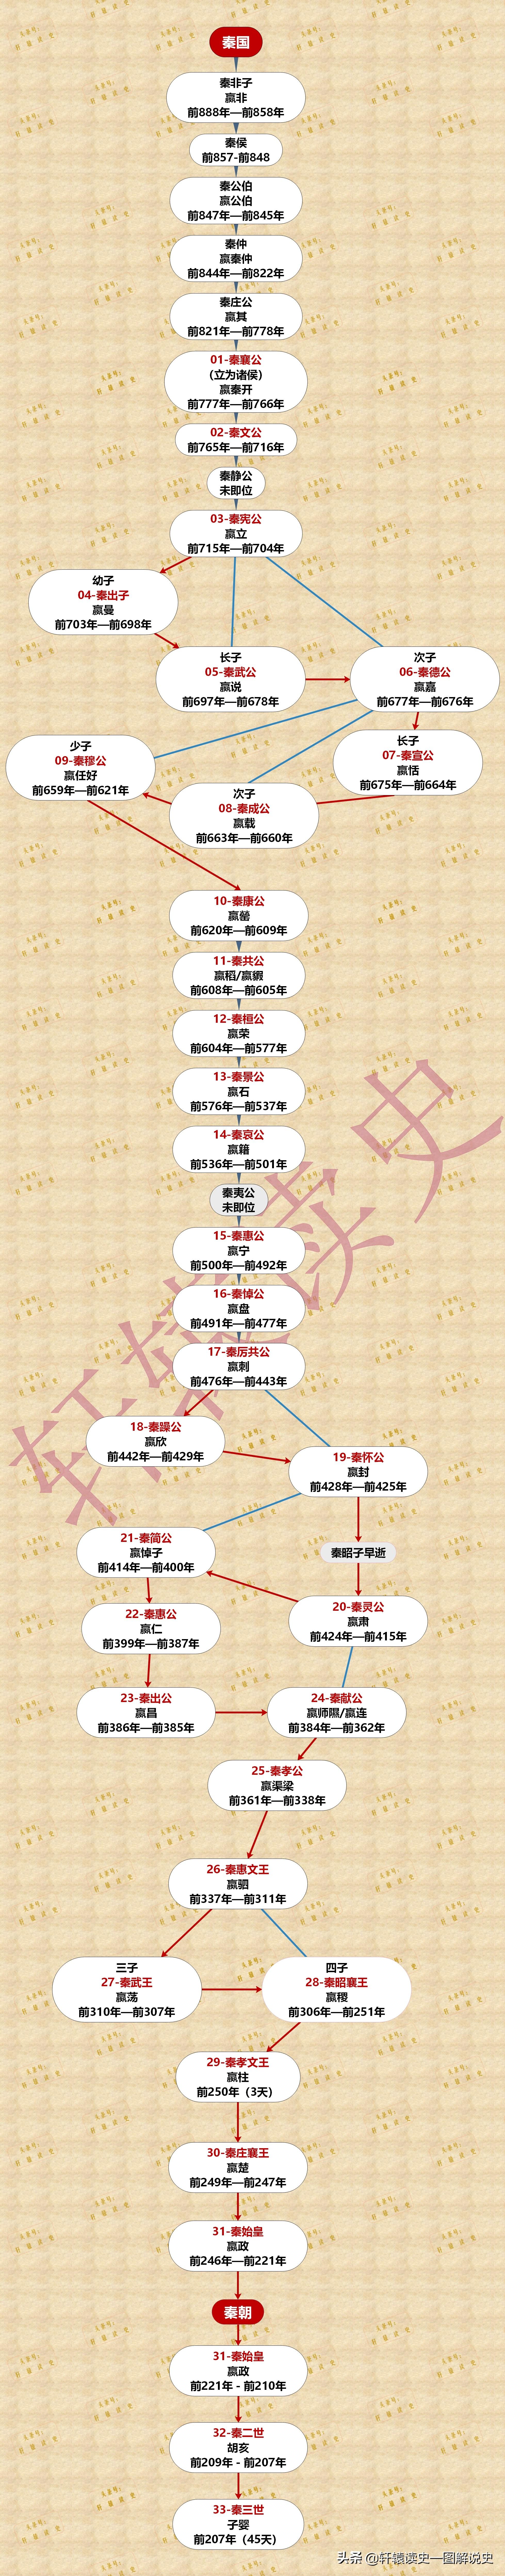 秦国36位国君介绍(秦王顺序一览表)